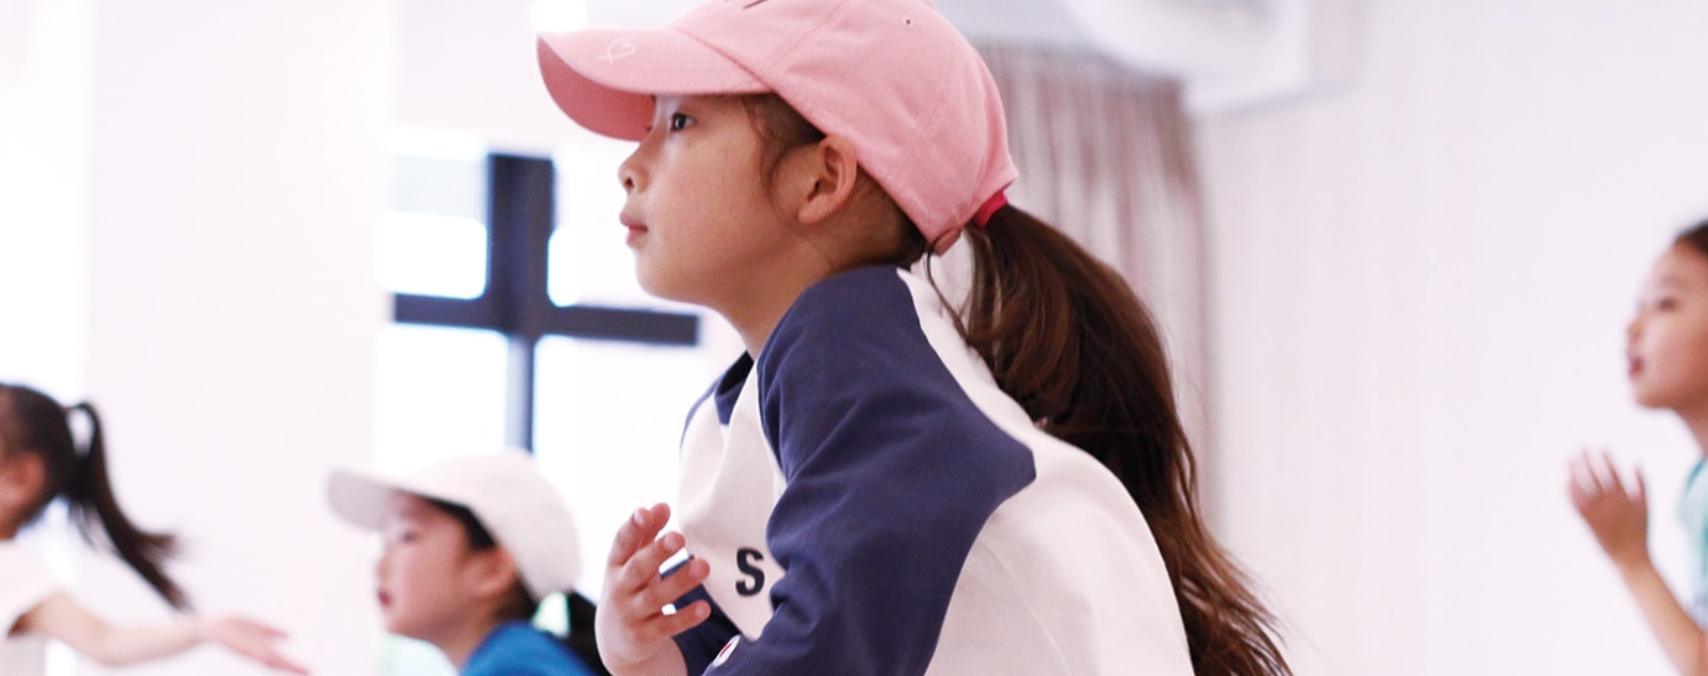 記事「子供に習わせたいラインキング急上昇のダンス!女子専門のクラスがあるって知ってる?!」の画像